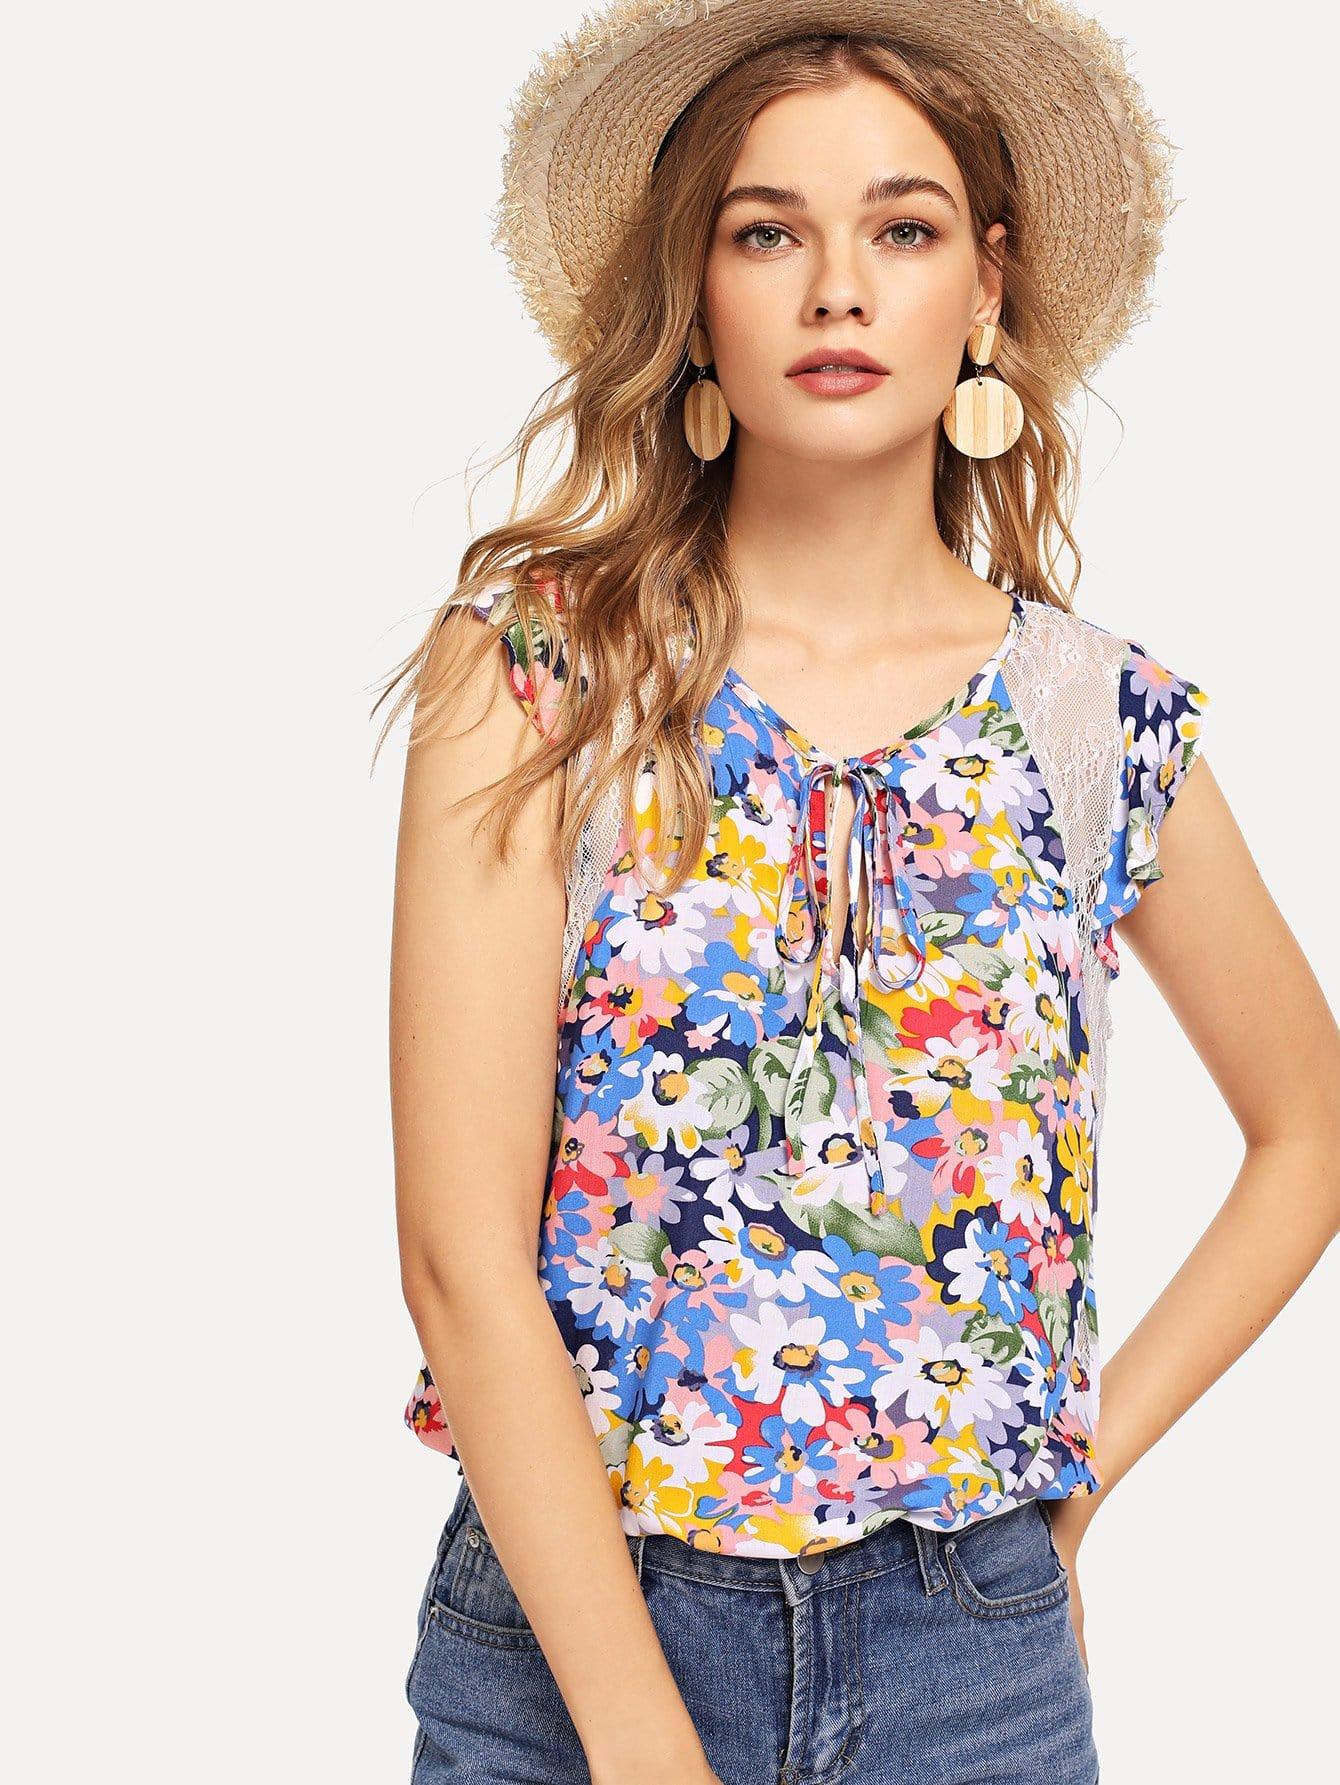 Купить Кружевной вставной узел Цветочная блузка, Teresa, SheIn